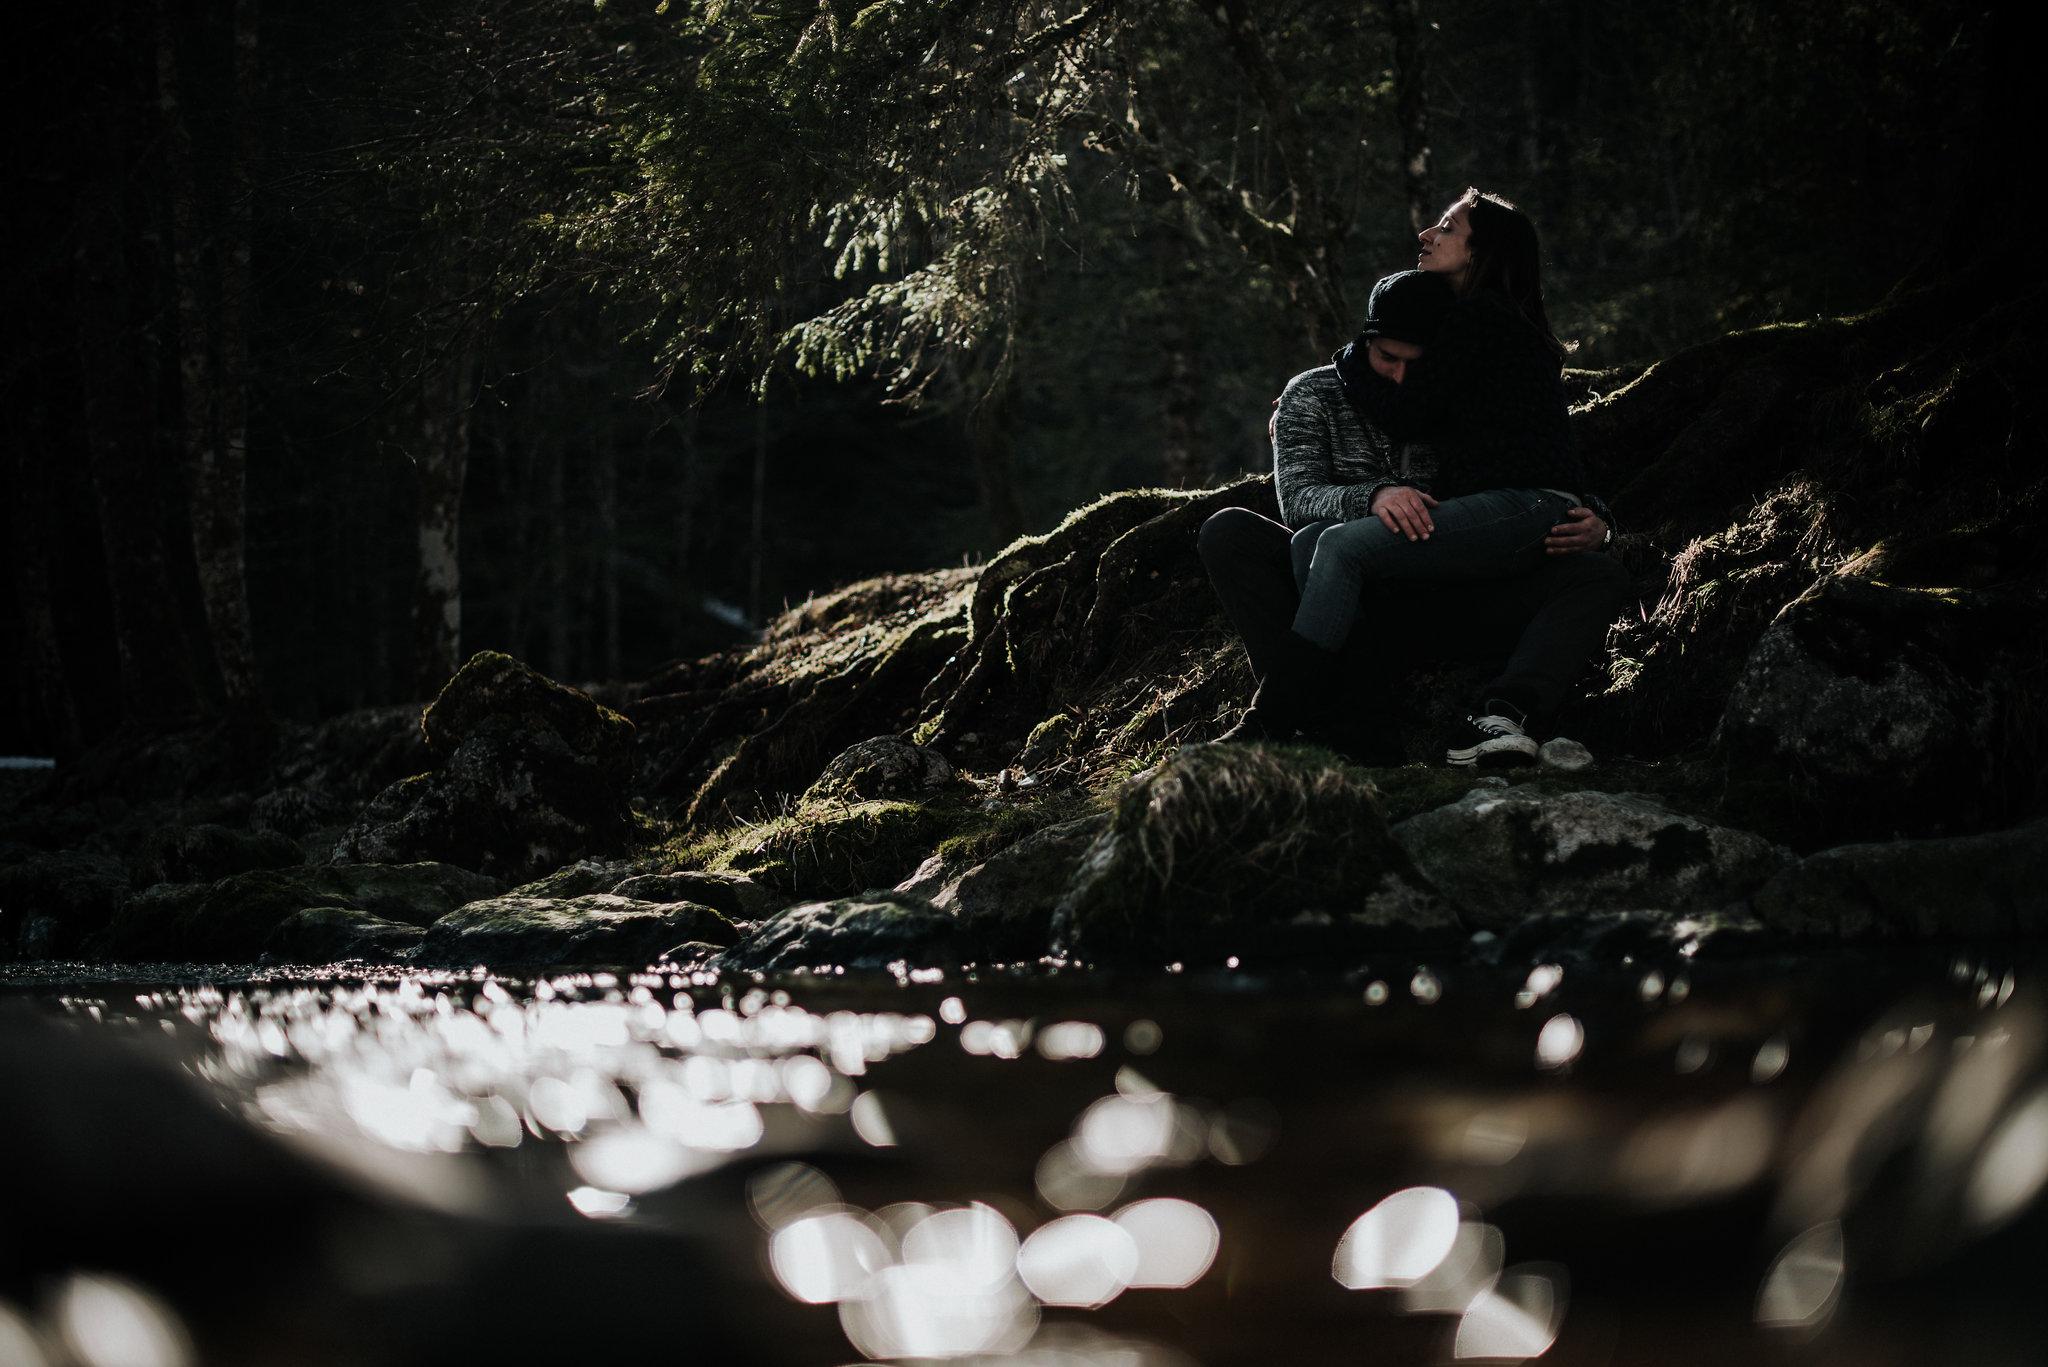 Léa-Fery-photographe-professionnel-lyon-rhone-alpes-portrait-creation-mariage-evenement-evenementiel-famille-5257.jpg